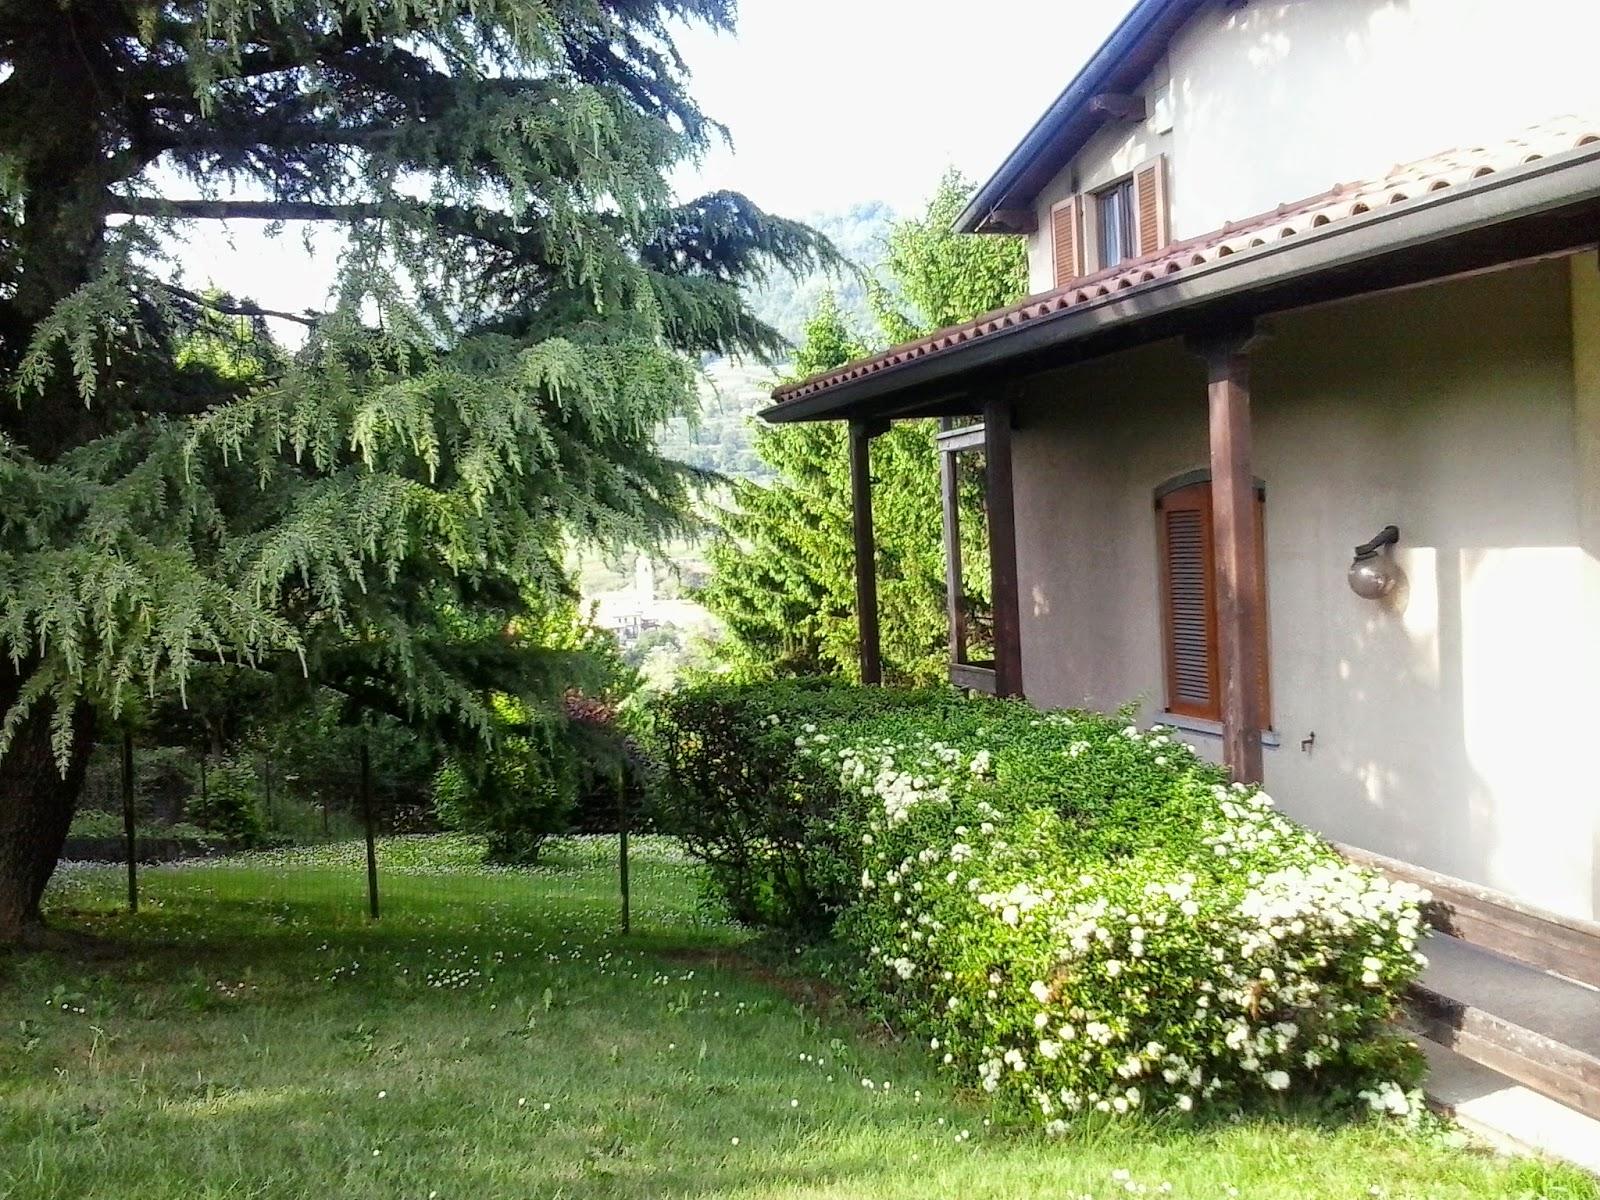 Casa con due appartamenti, taverna/office e parco a Scanzorosciate Tribulina